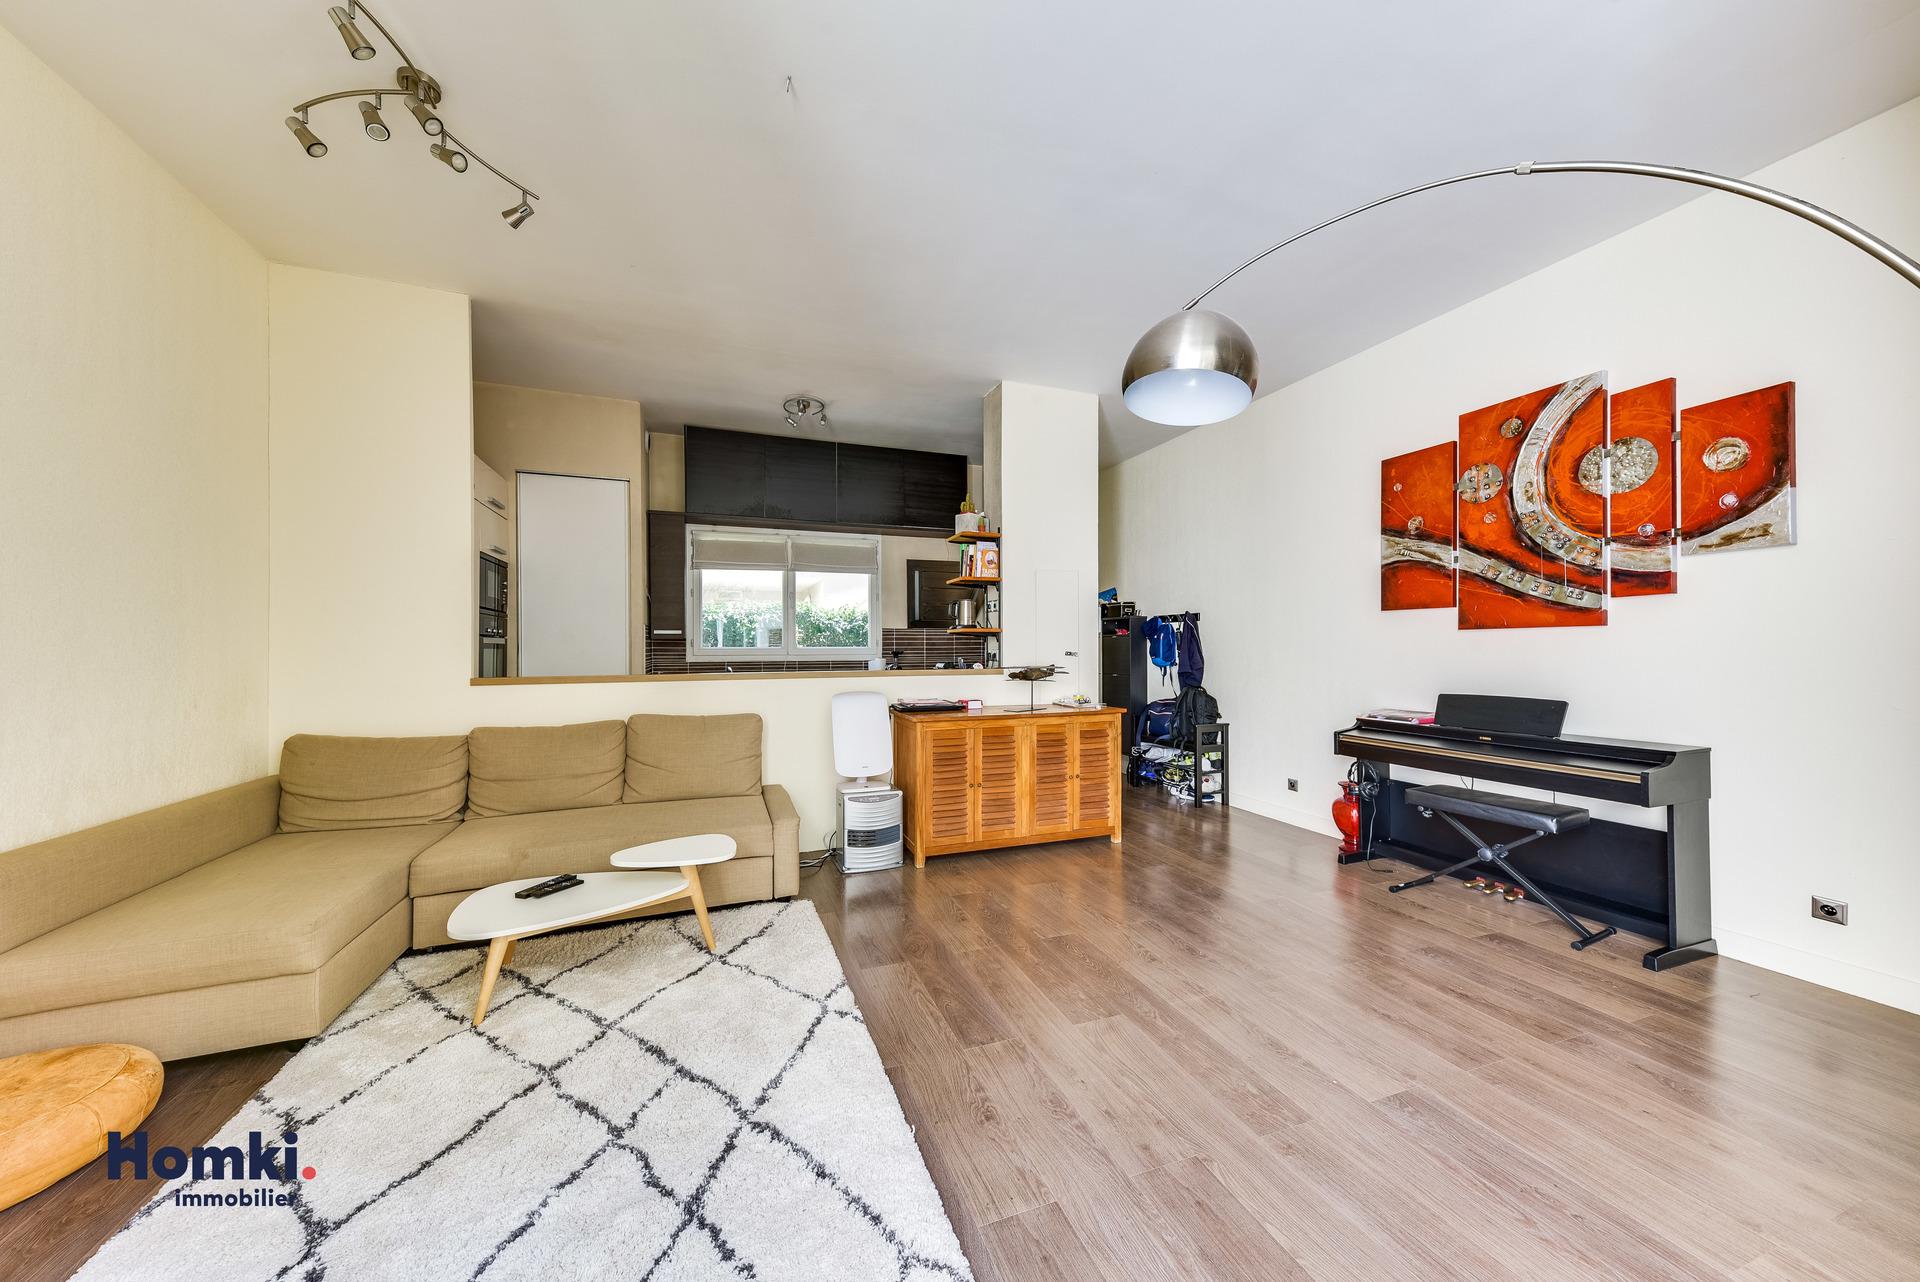 Vente Appartement 105 m² T4 13002_4